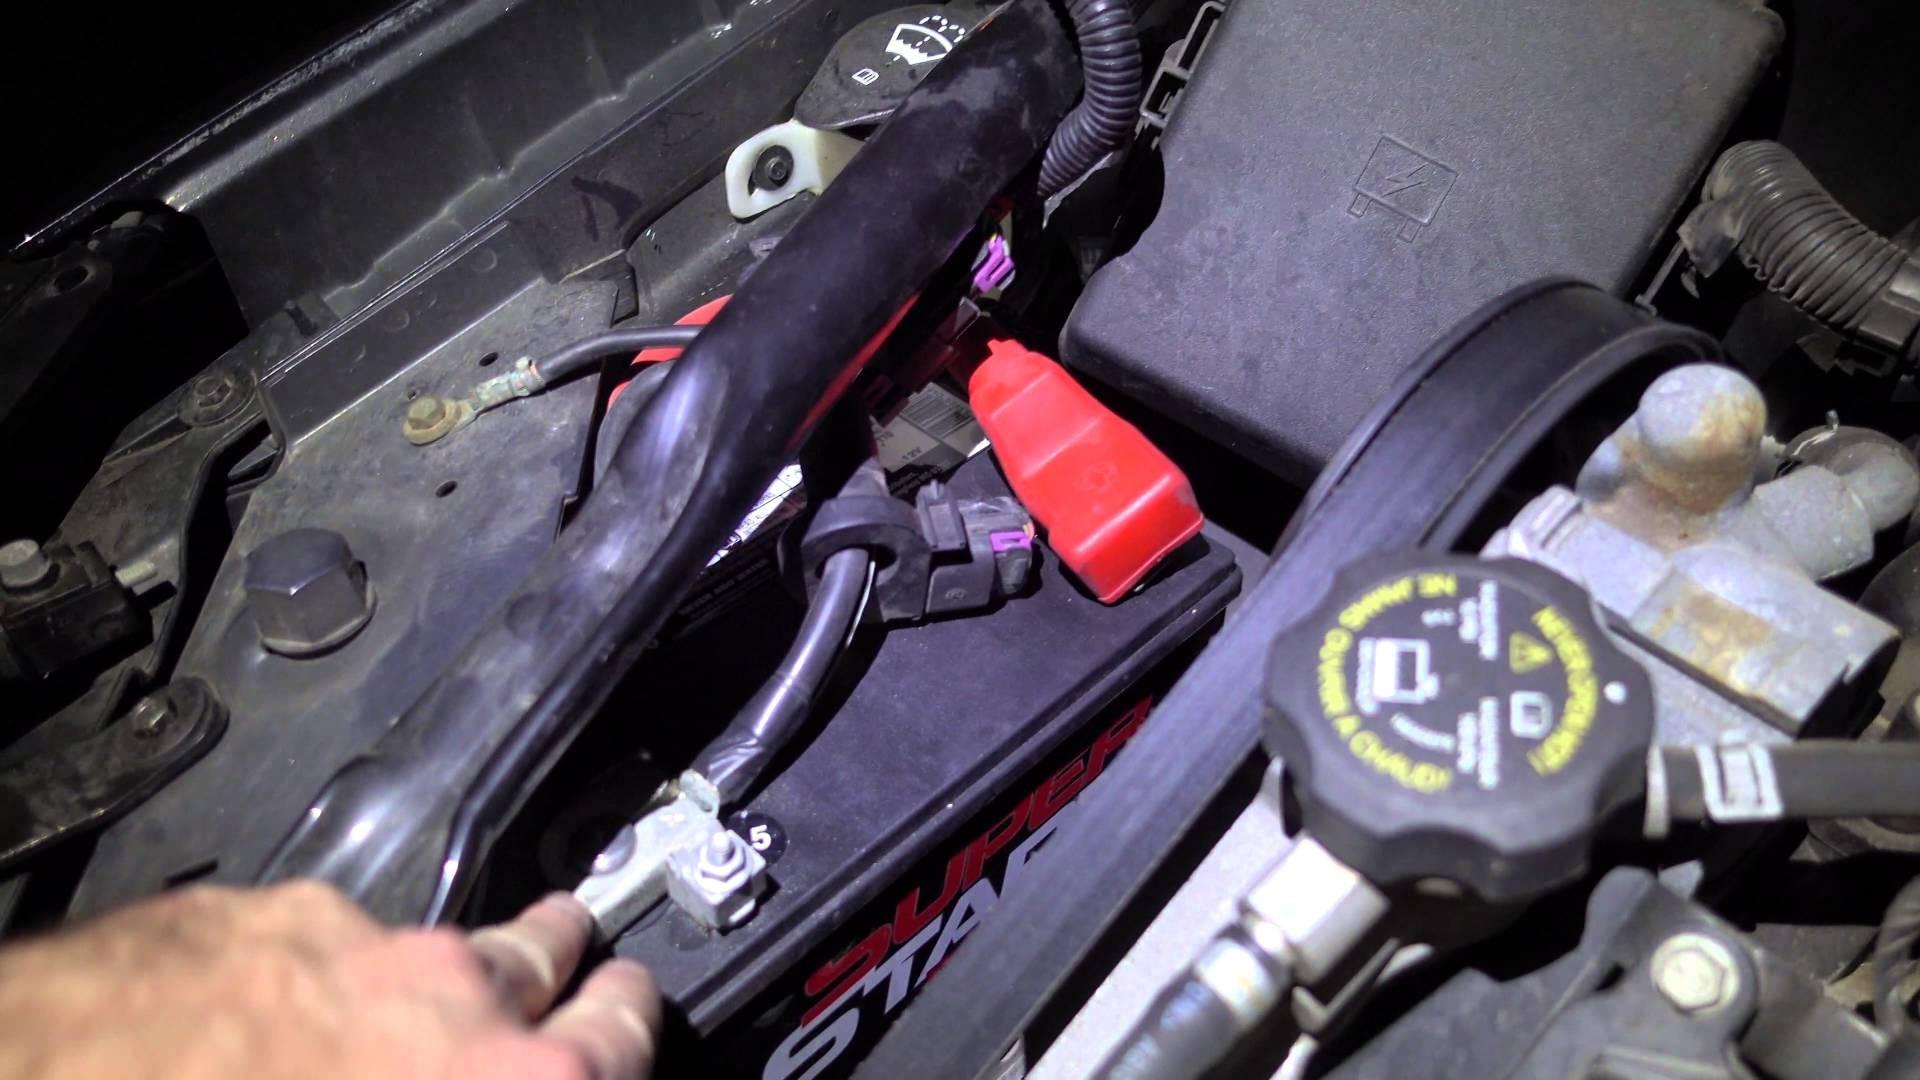 2005 Pontiac Grand Prix Engine Diagram How to Replace Car Battery 2004 2005 2006 2007 and 2008 Of 2005 Pontiac Grand Prix Engine Diagram